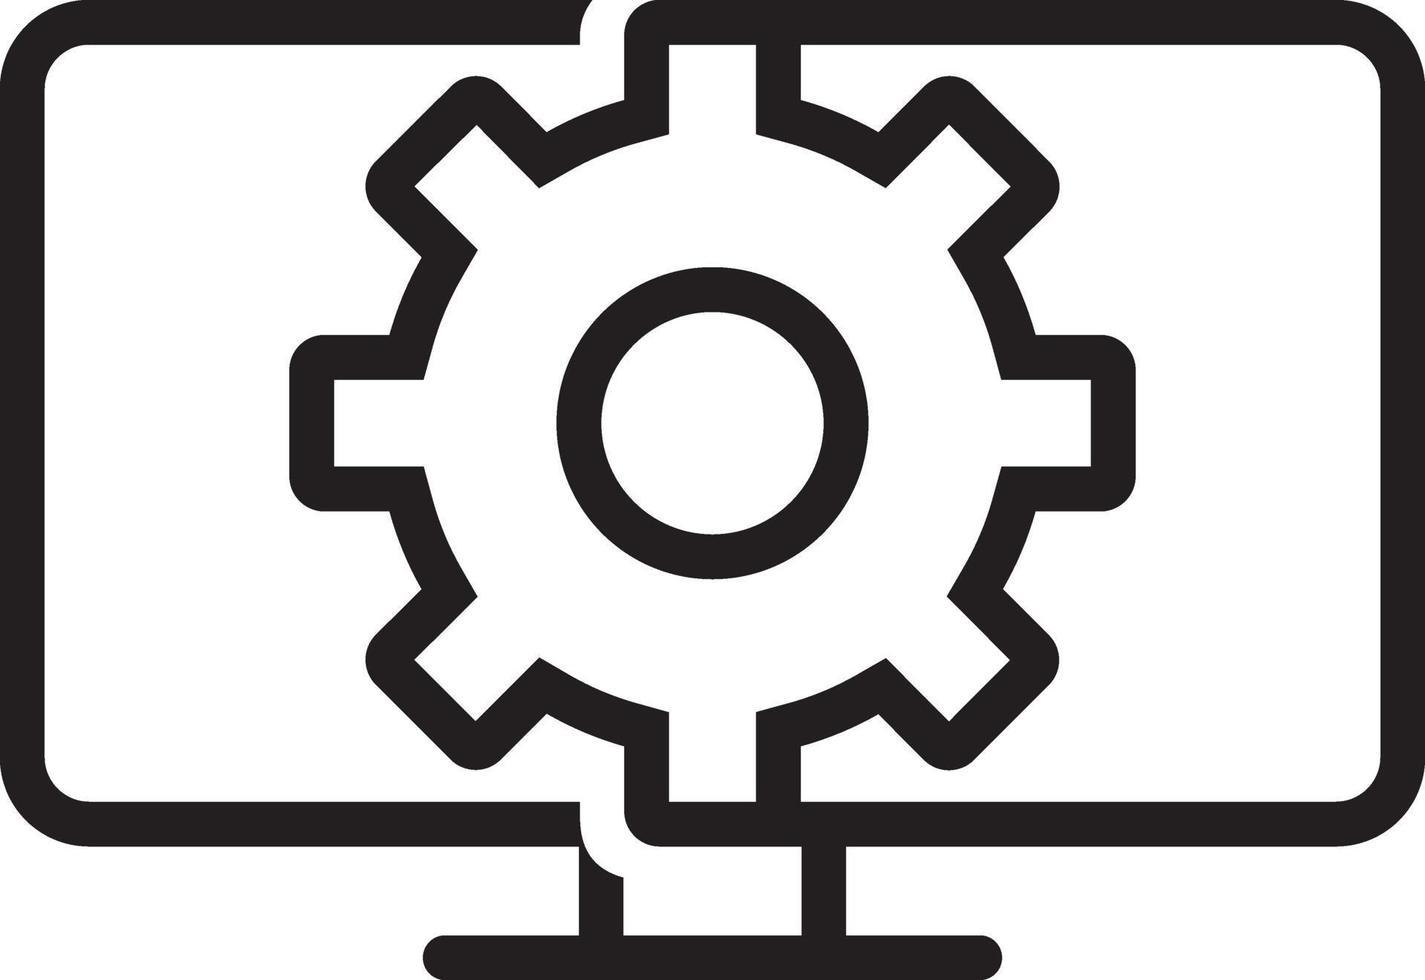 icône de ligne pour le web vecteur